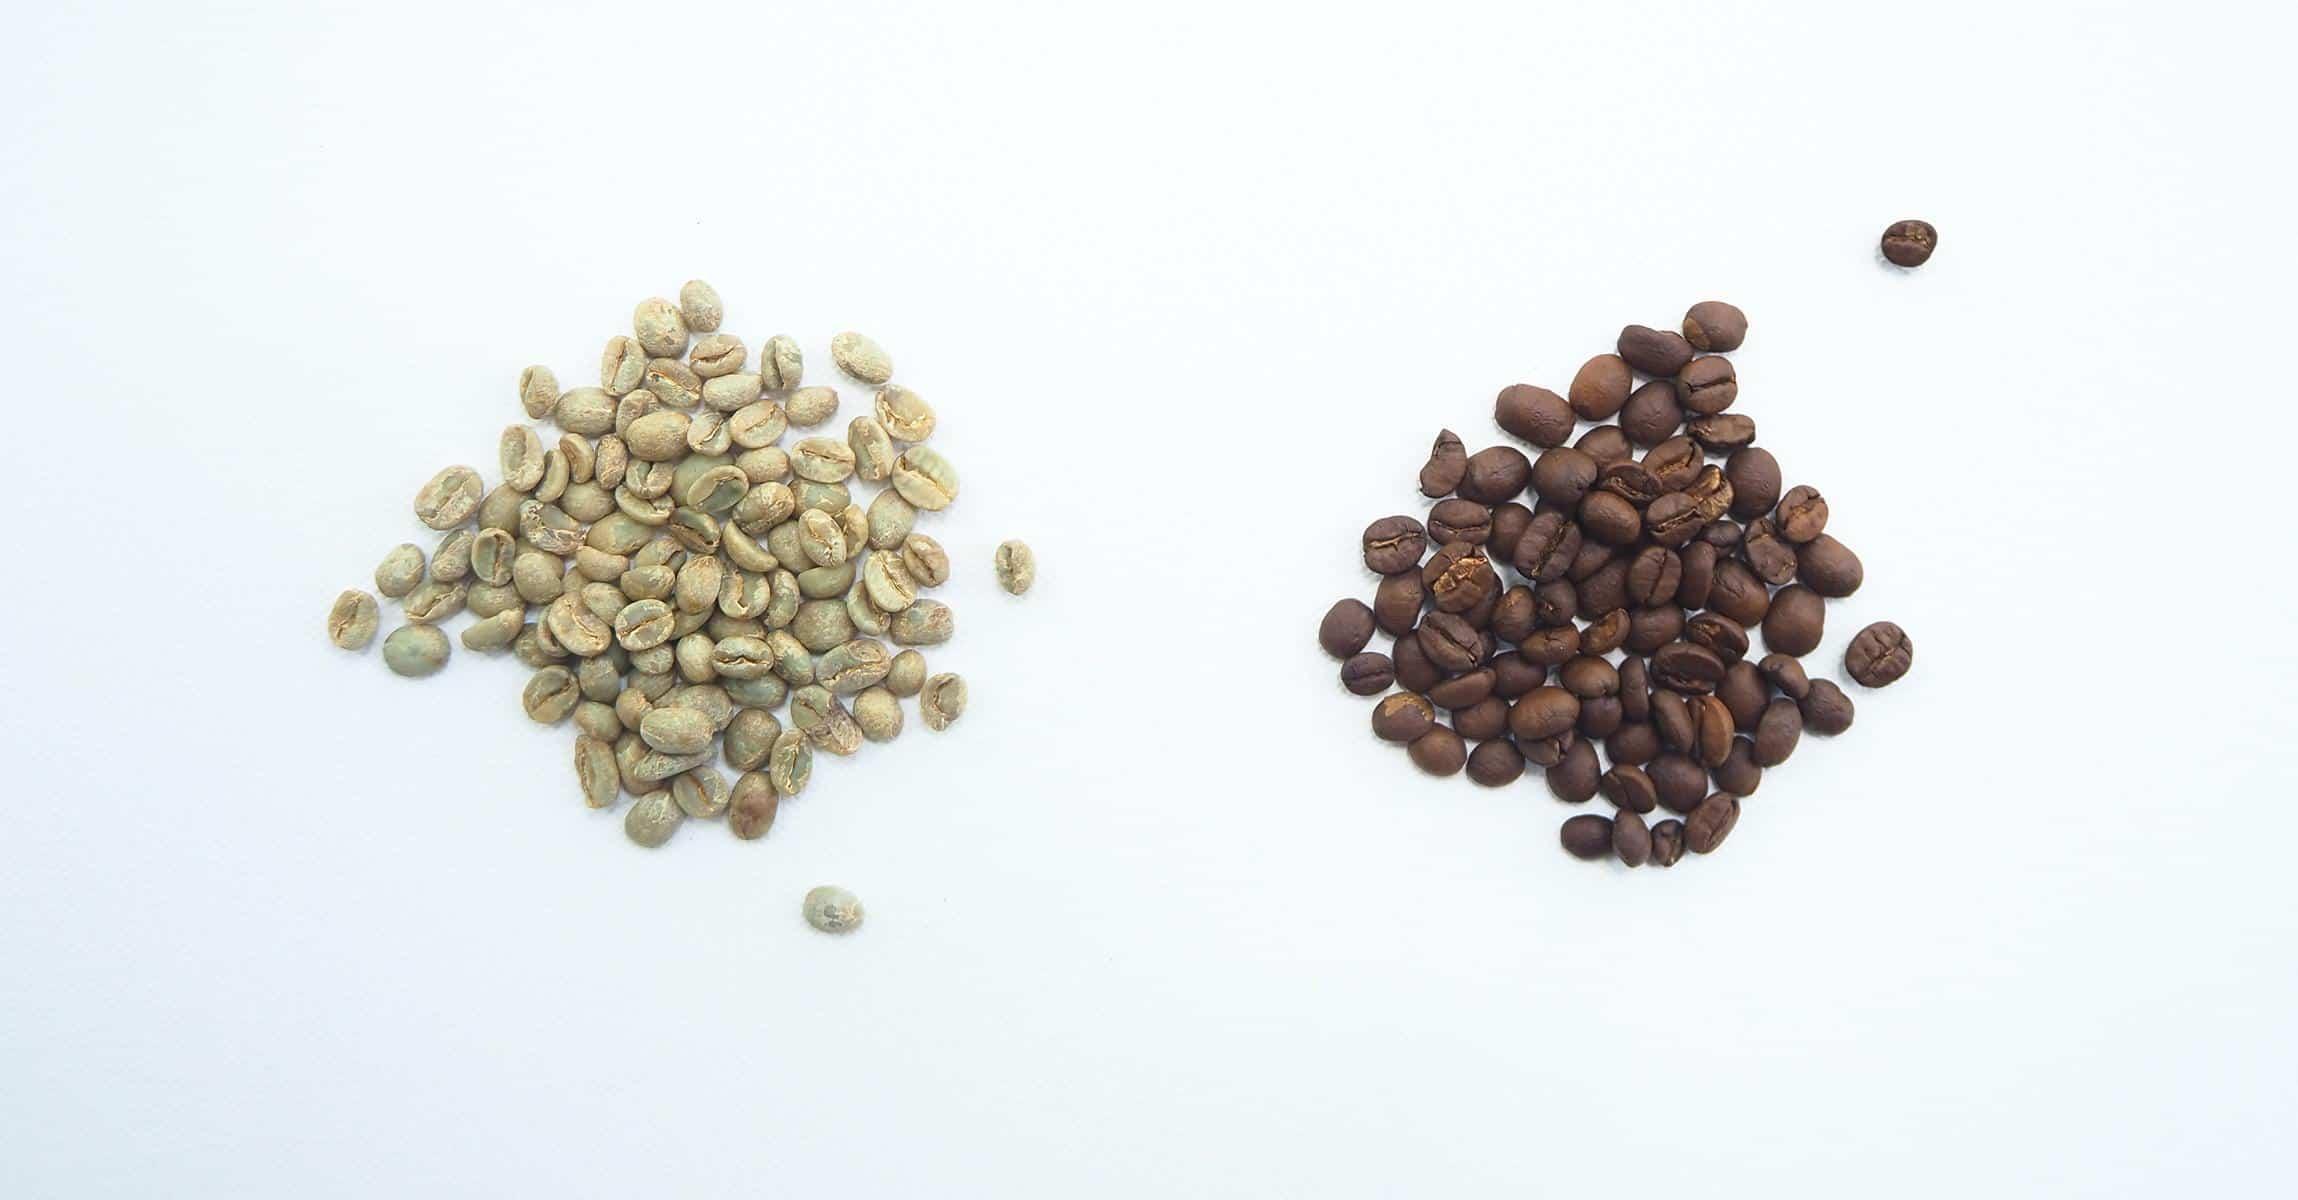 Das Bild zeigt zwei unterschiedliche Kaffeearten. Dies symbolisiert wie ein A/B Test funktioniert.